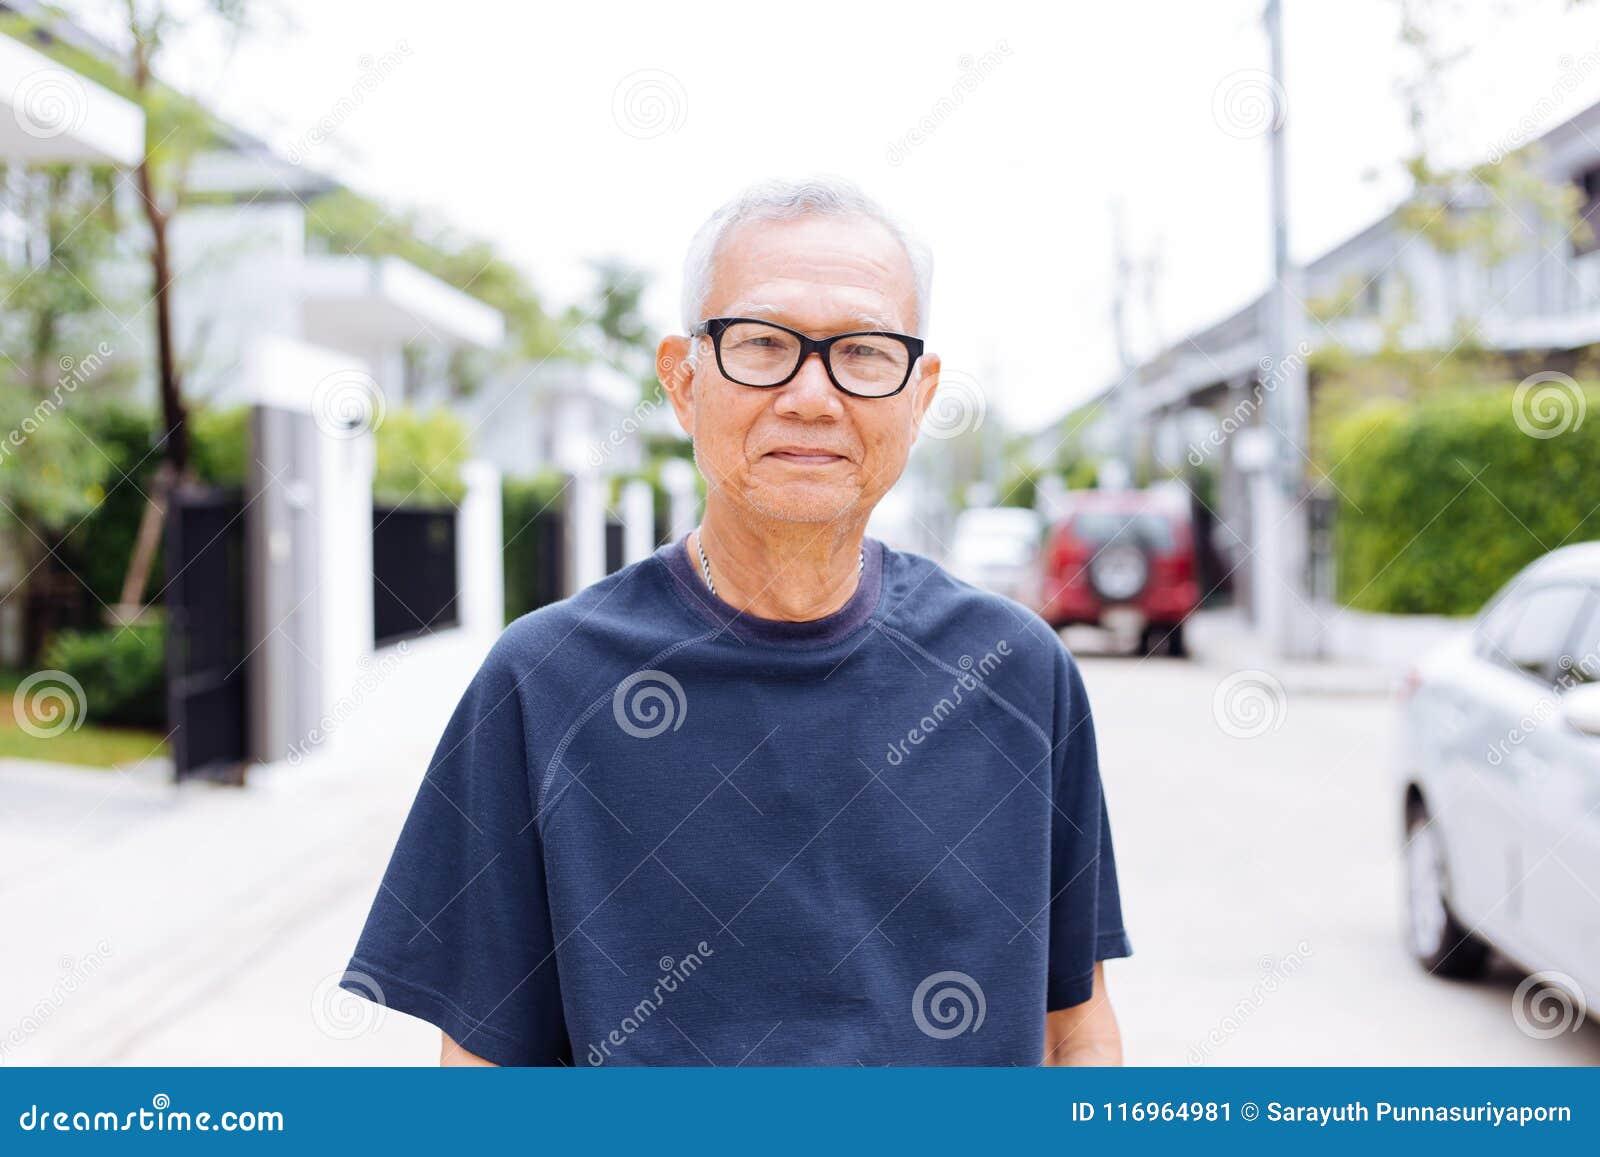 Retrato de los vidrios que llevan asiáticos y de mirar del hombre mayor la cámara en el distrito residencial con el coche y la ca